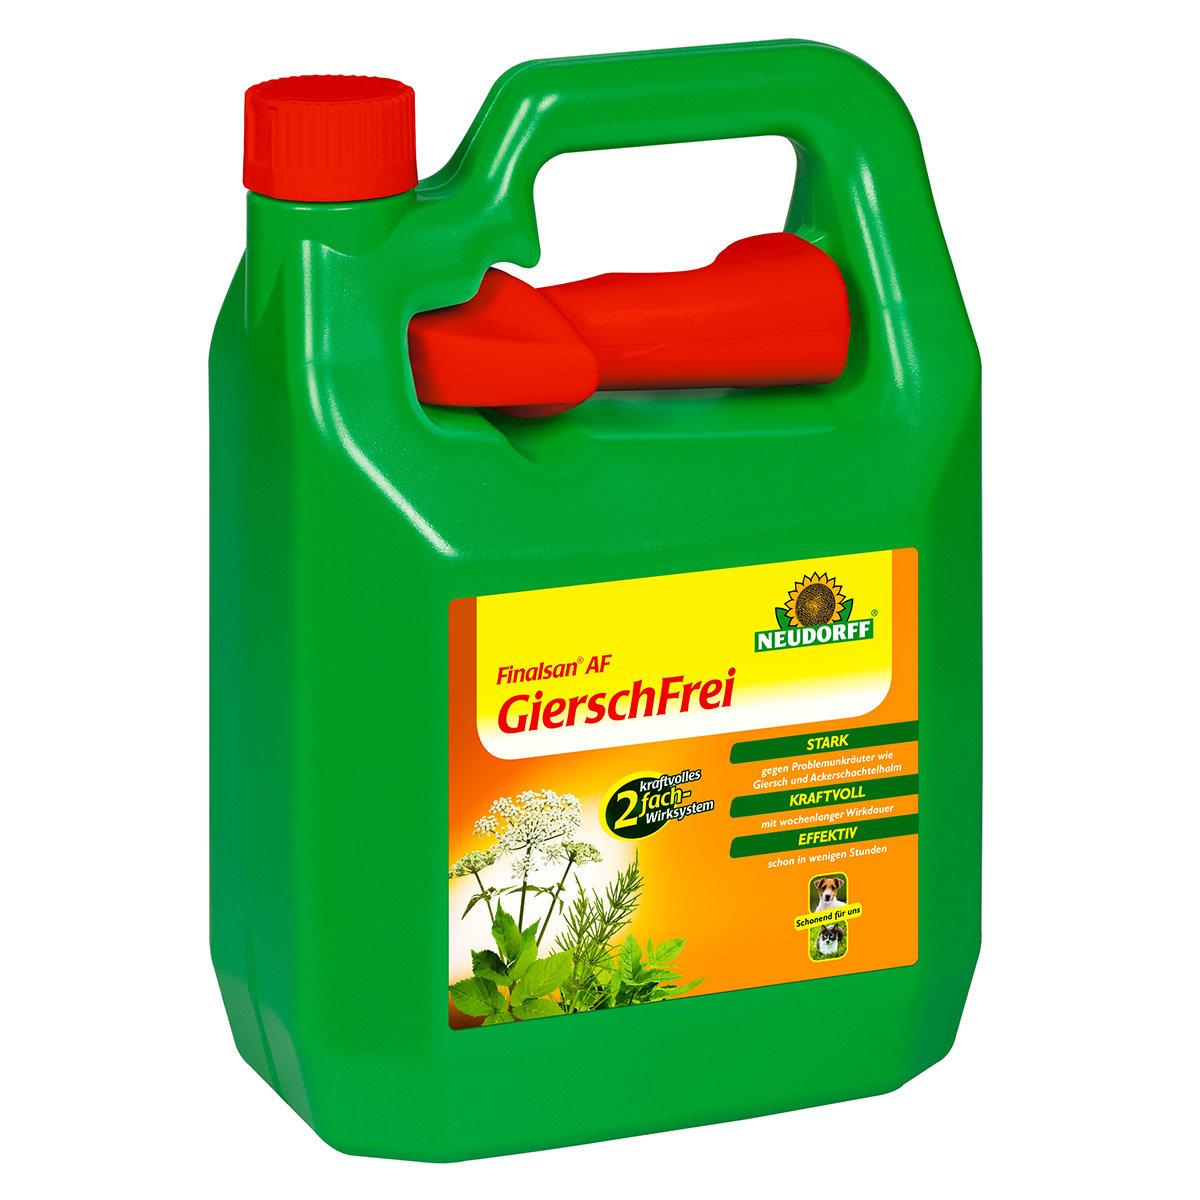 Neudorff® Finalsan® AF GierschFrei, 3 Liter Sprühsystem